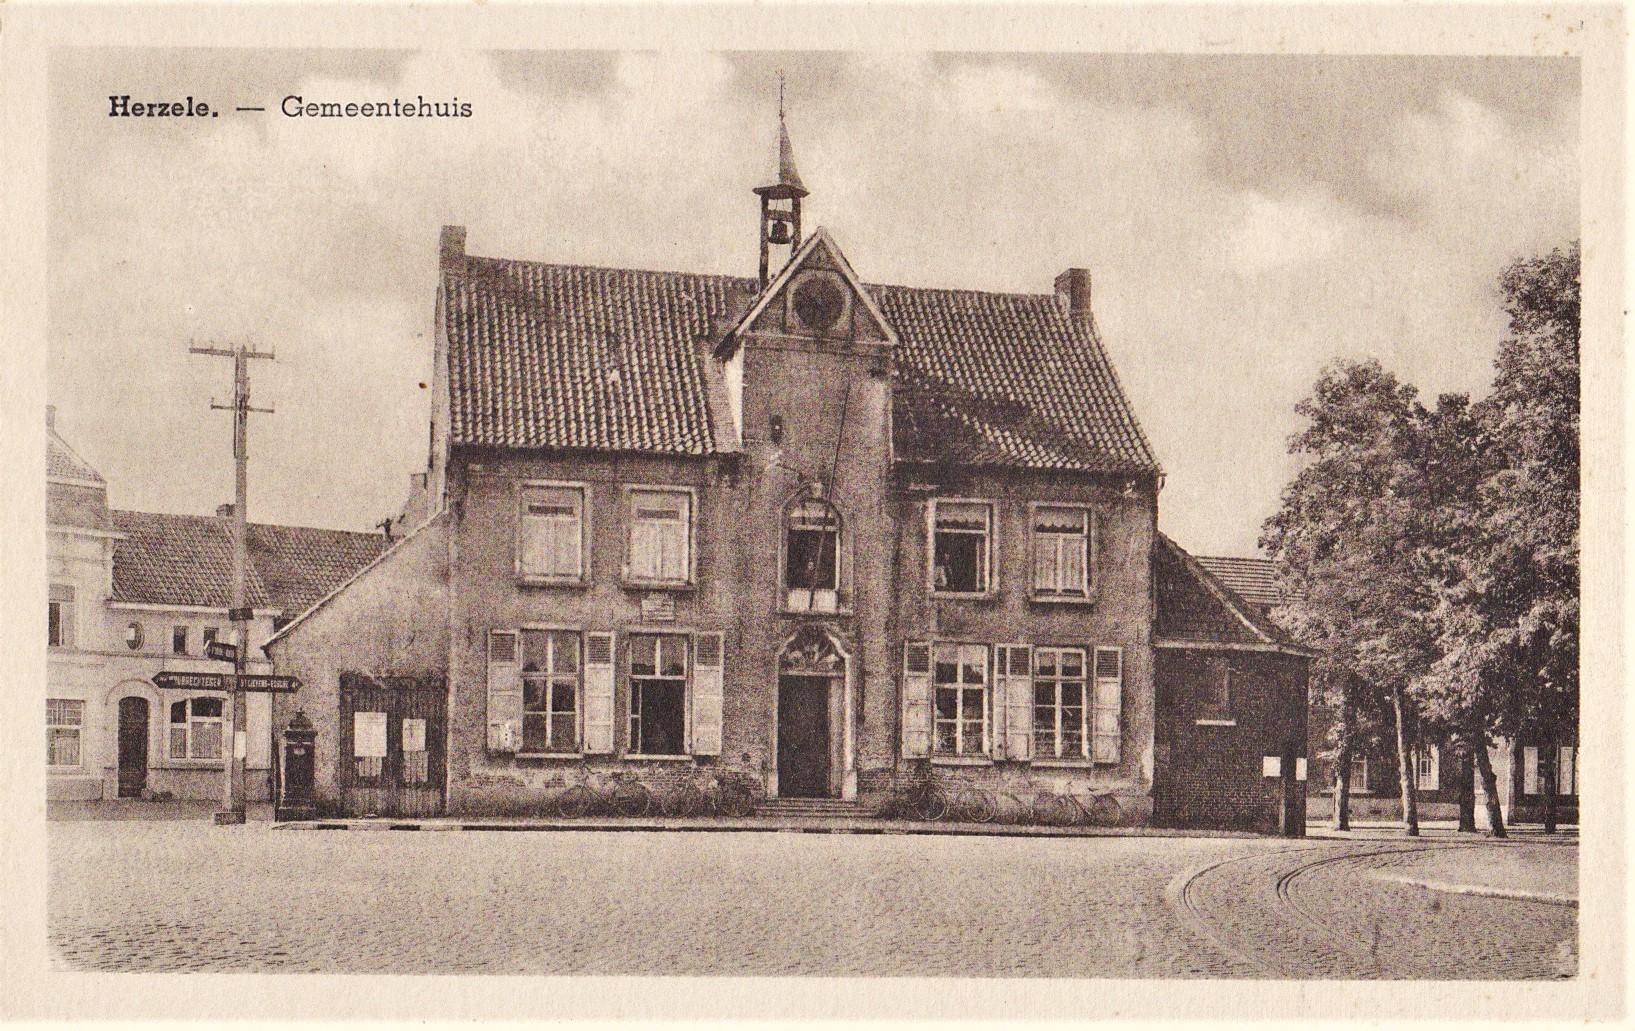 Oude postkaart van het Schepenhuis